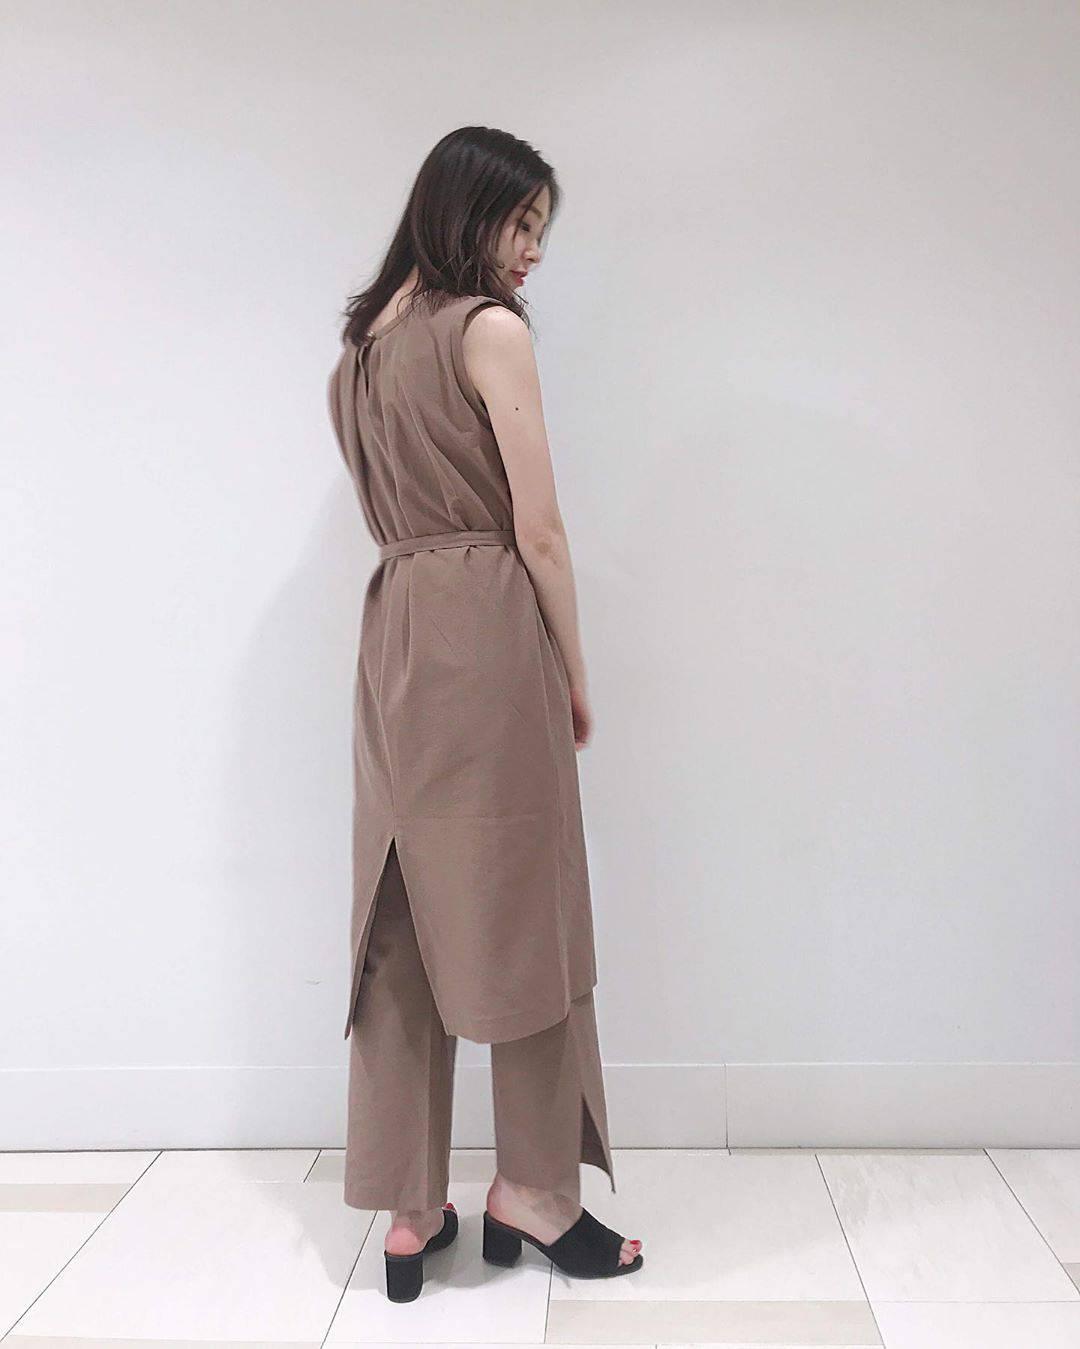 最高気温24度・最低気温20度 hikari_k0122の服装